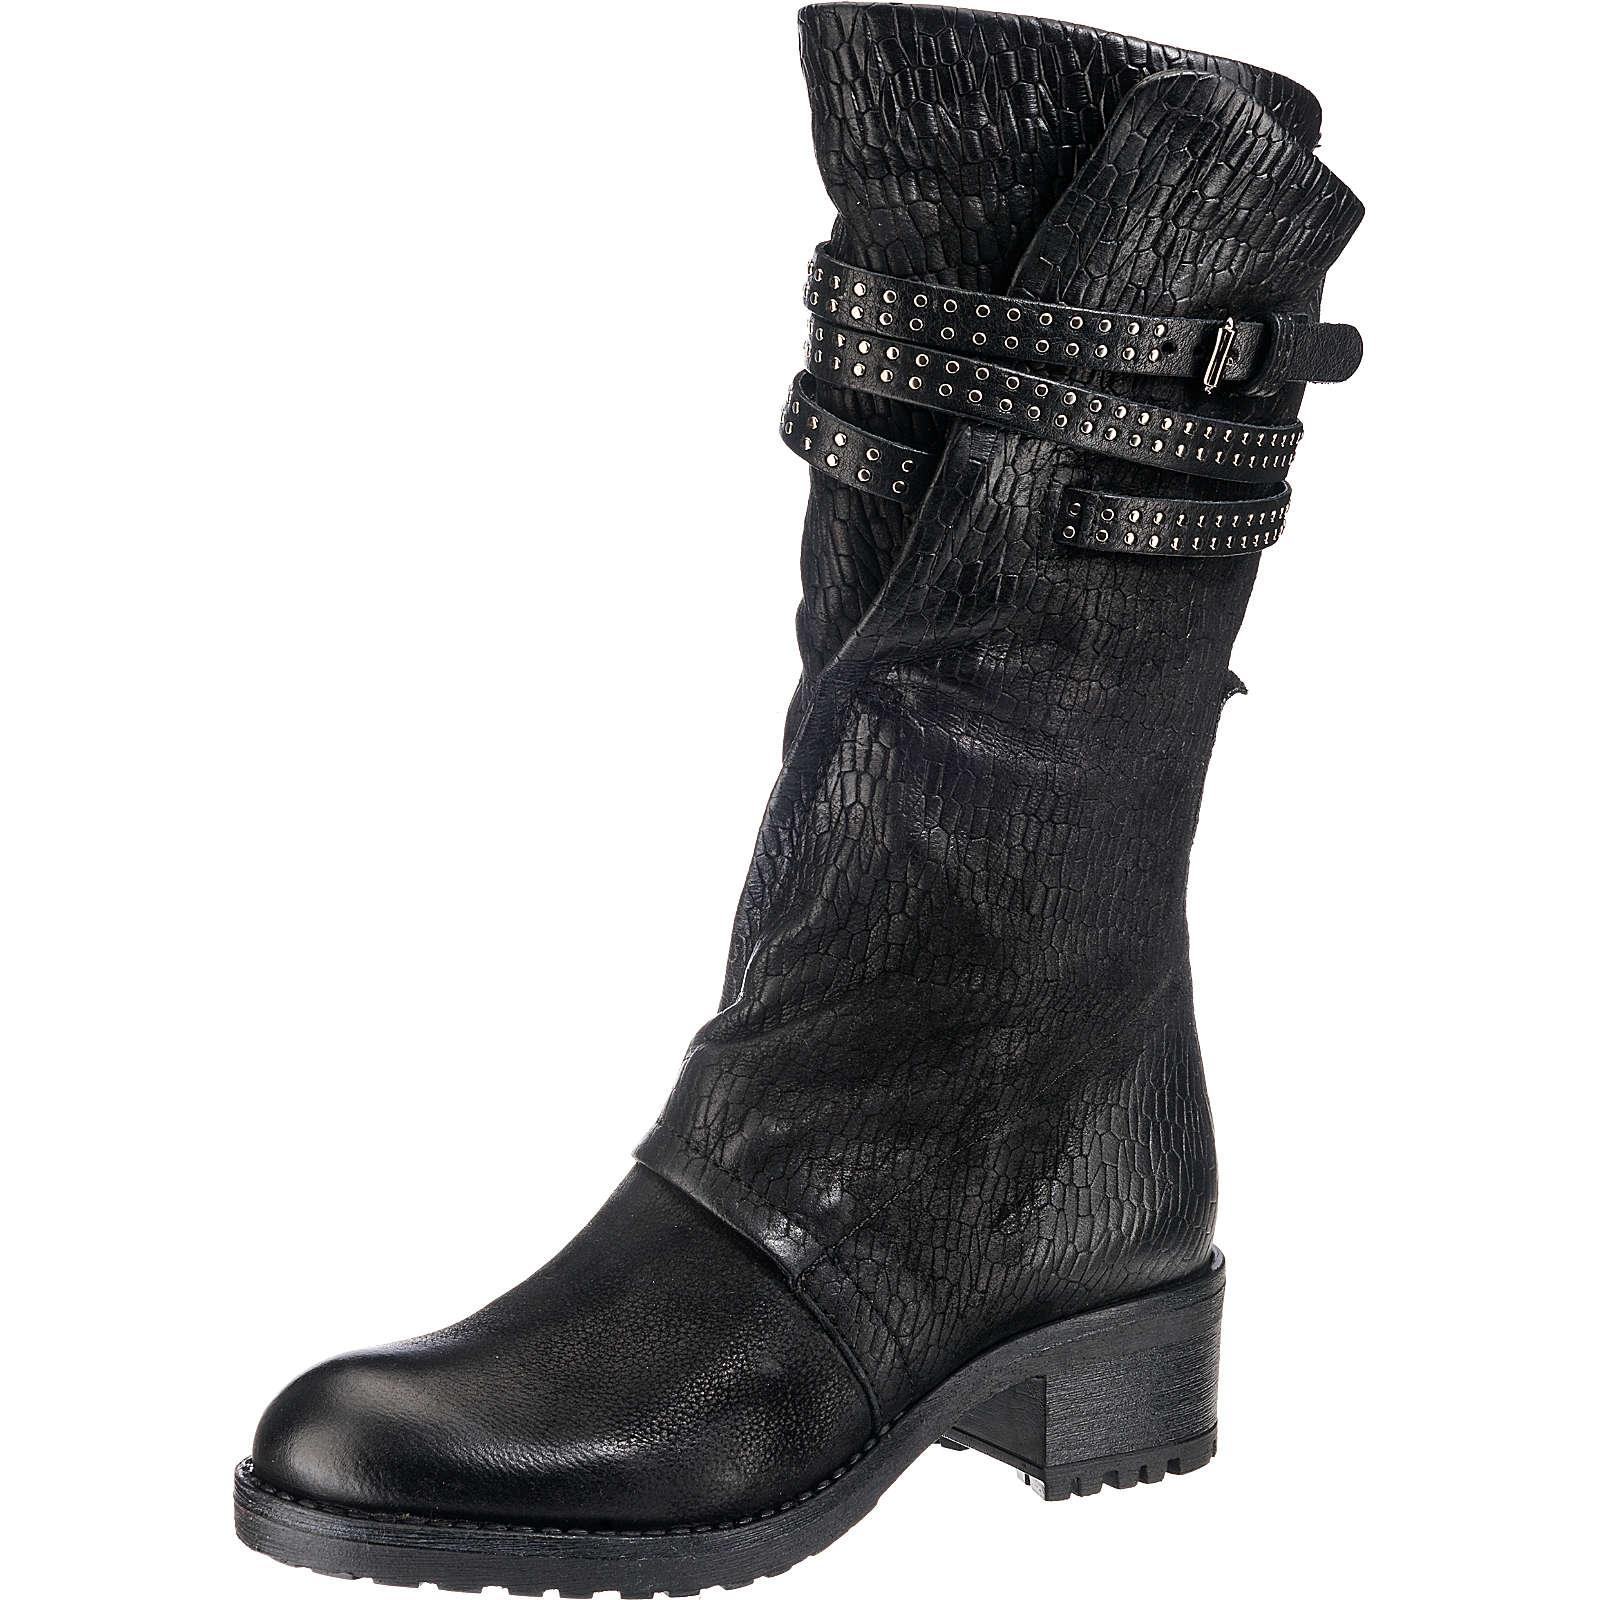 MJUS MISA Klassische Stiefel schwarz Damen Gr. 38